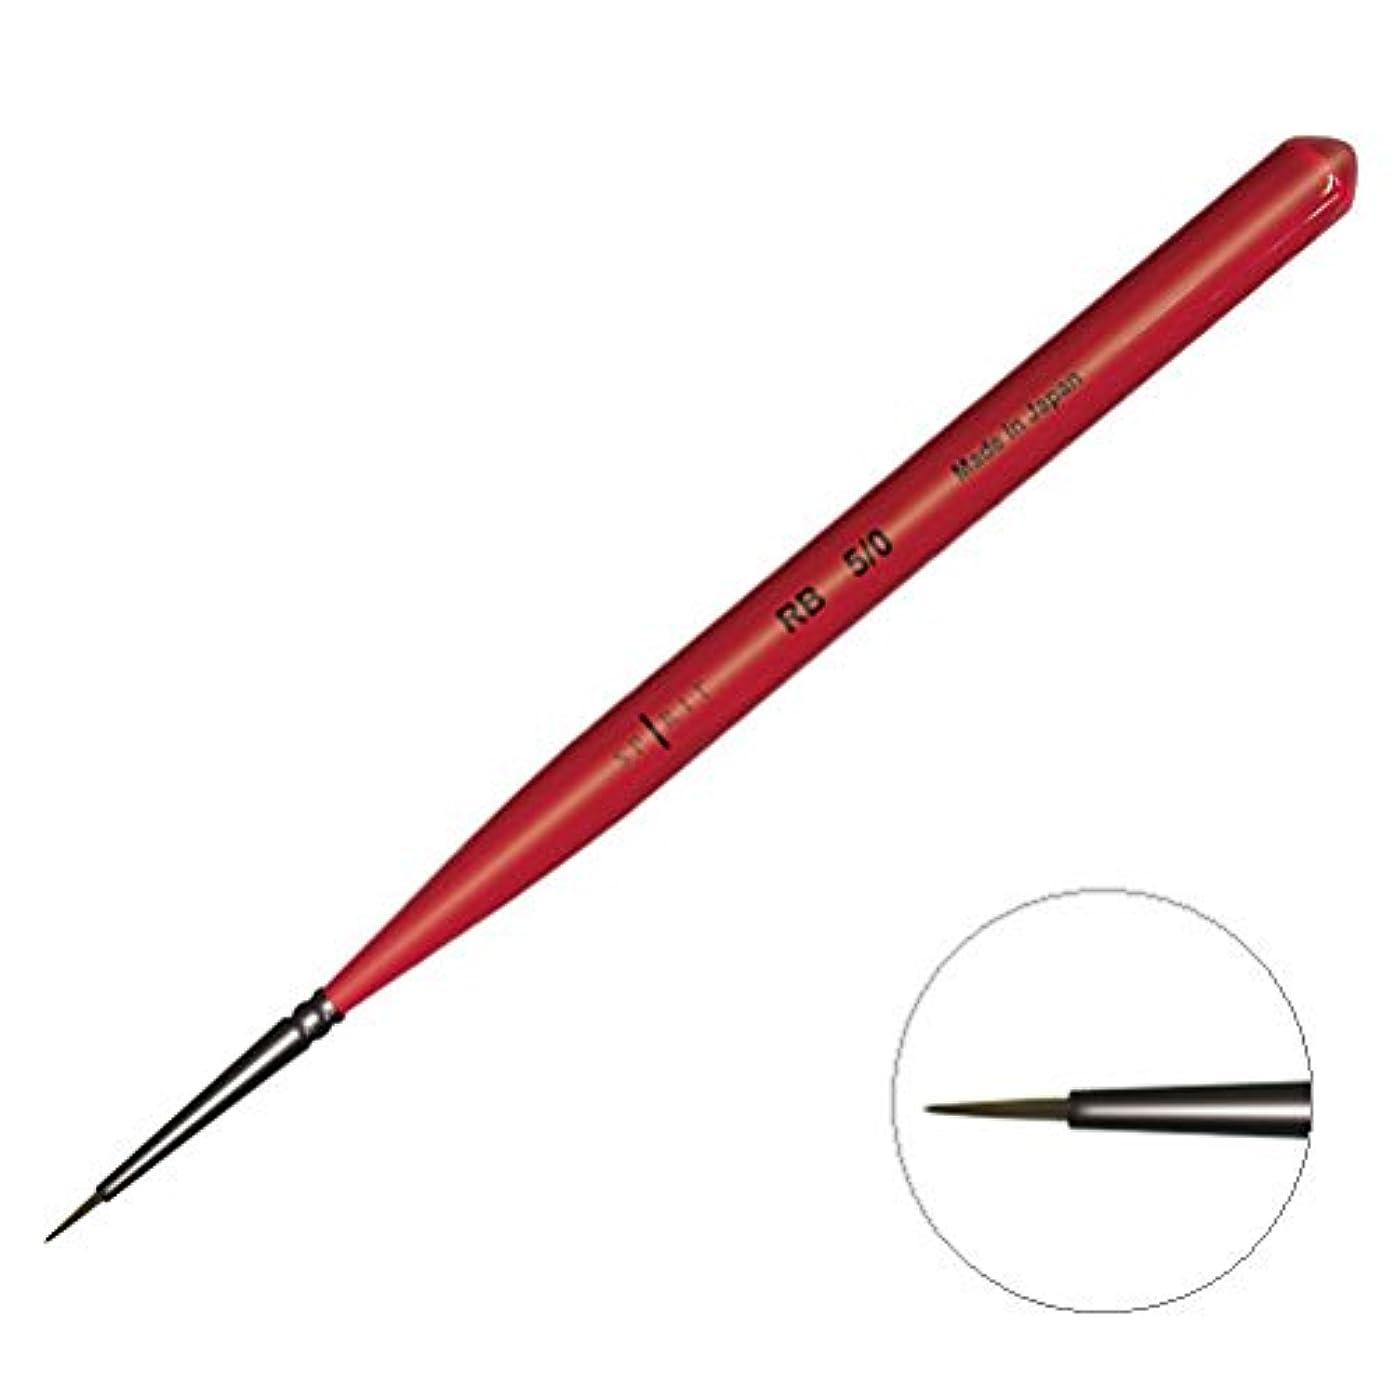 石膏頬してはいけないプリジェル ネイルブラシ RB 5/0 アート用筆 SP5-0